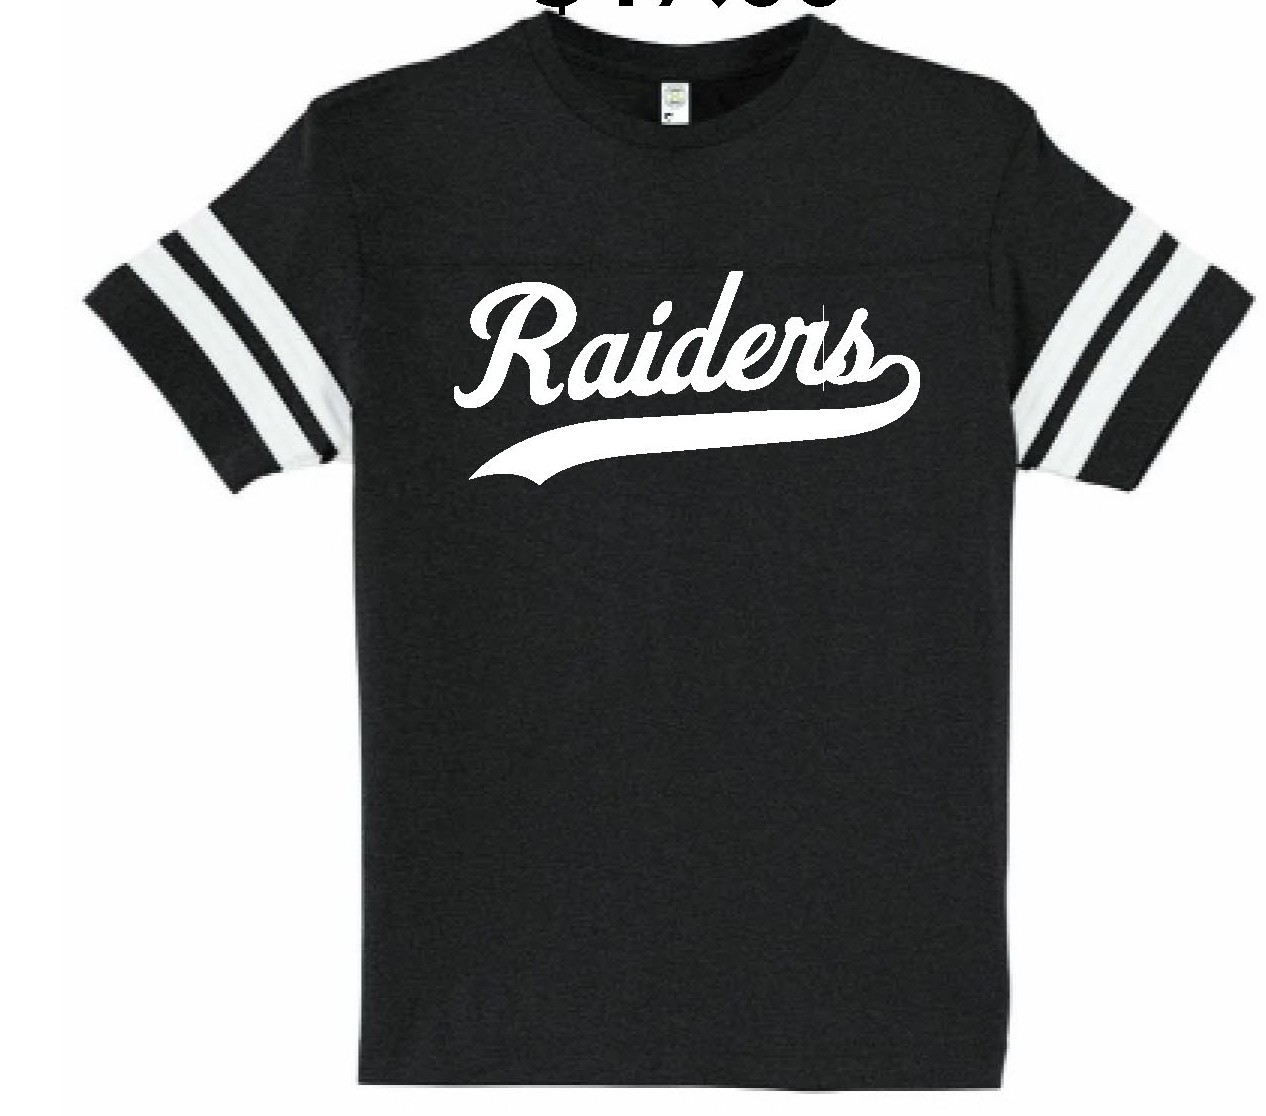 Raiders Two Stripe Jerseys